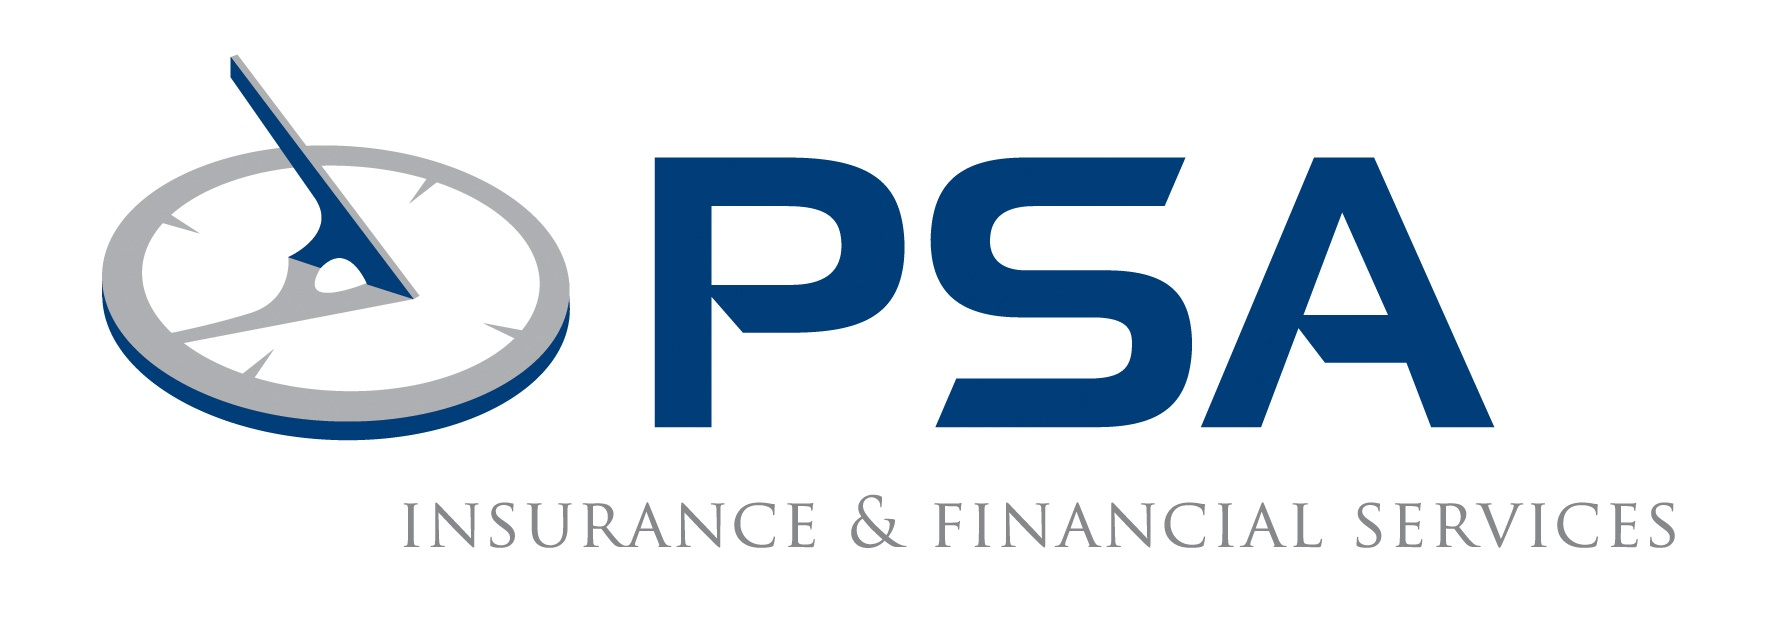 PSA-main-logo-1